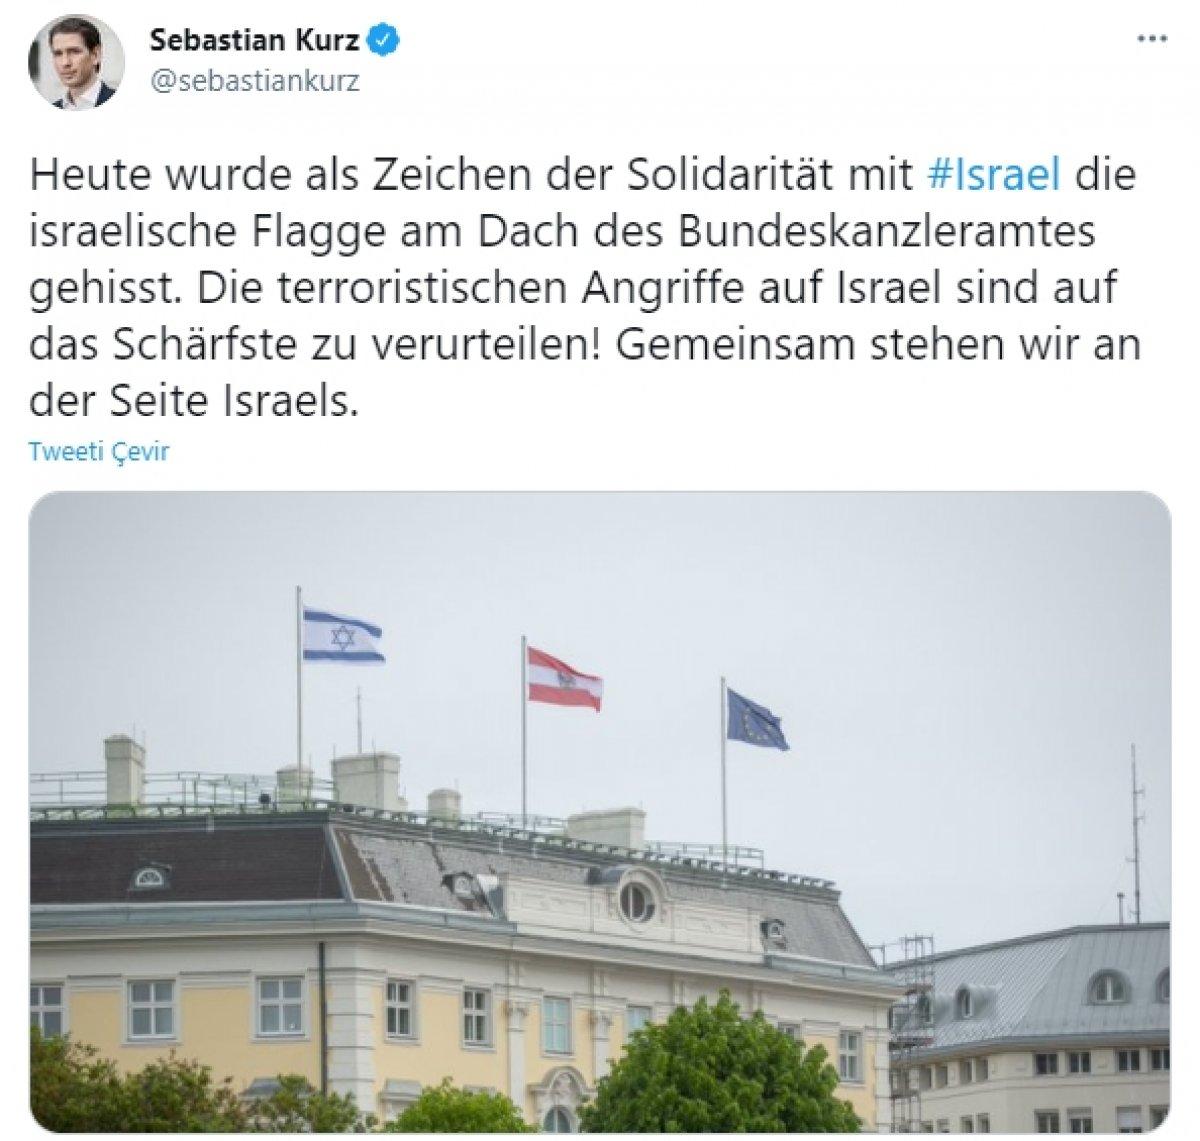 Avusturya'dan İsrail'e açıktan destek  #2